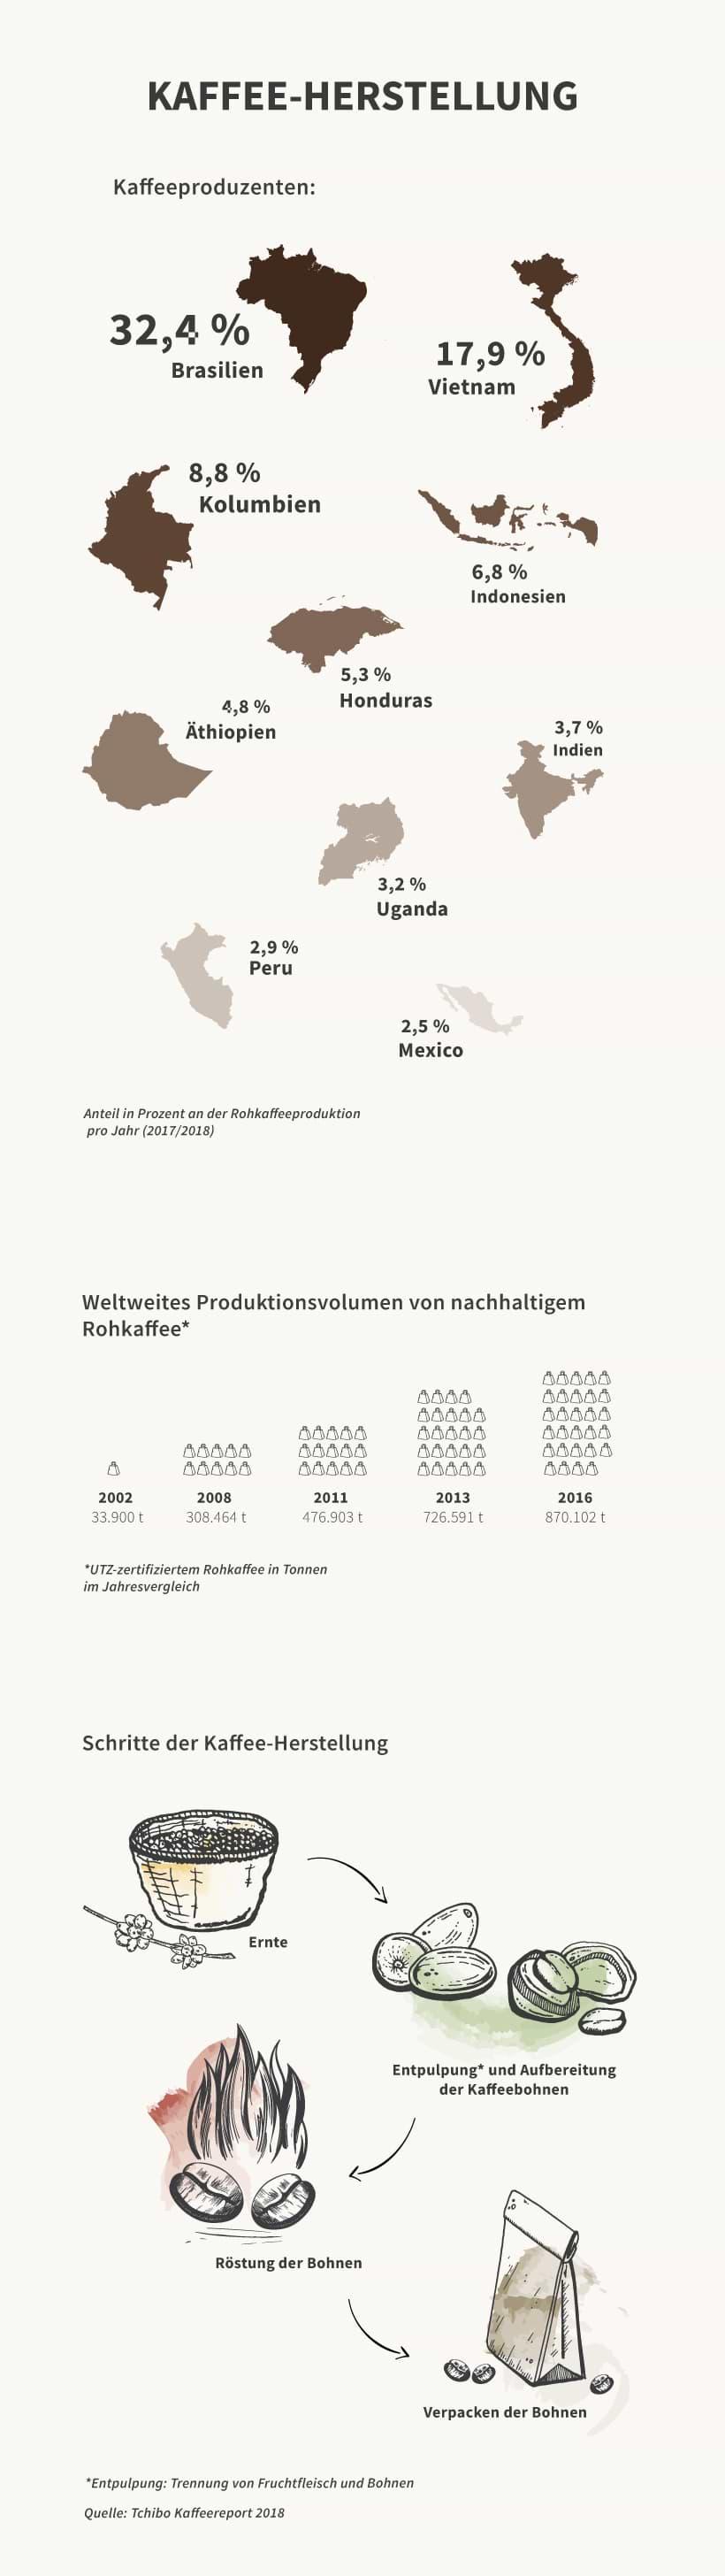 Infografik zur Kaffee-Herstellung